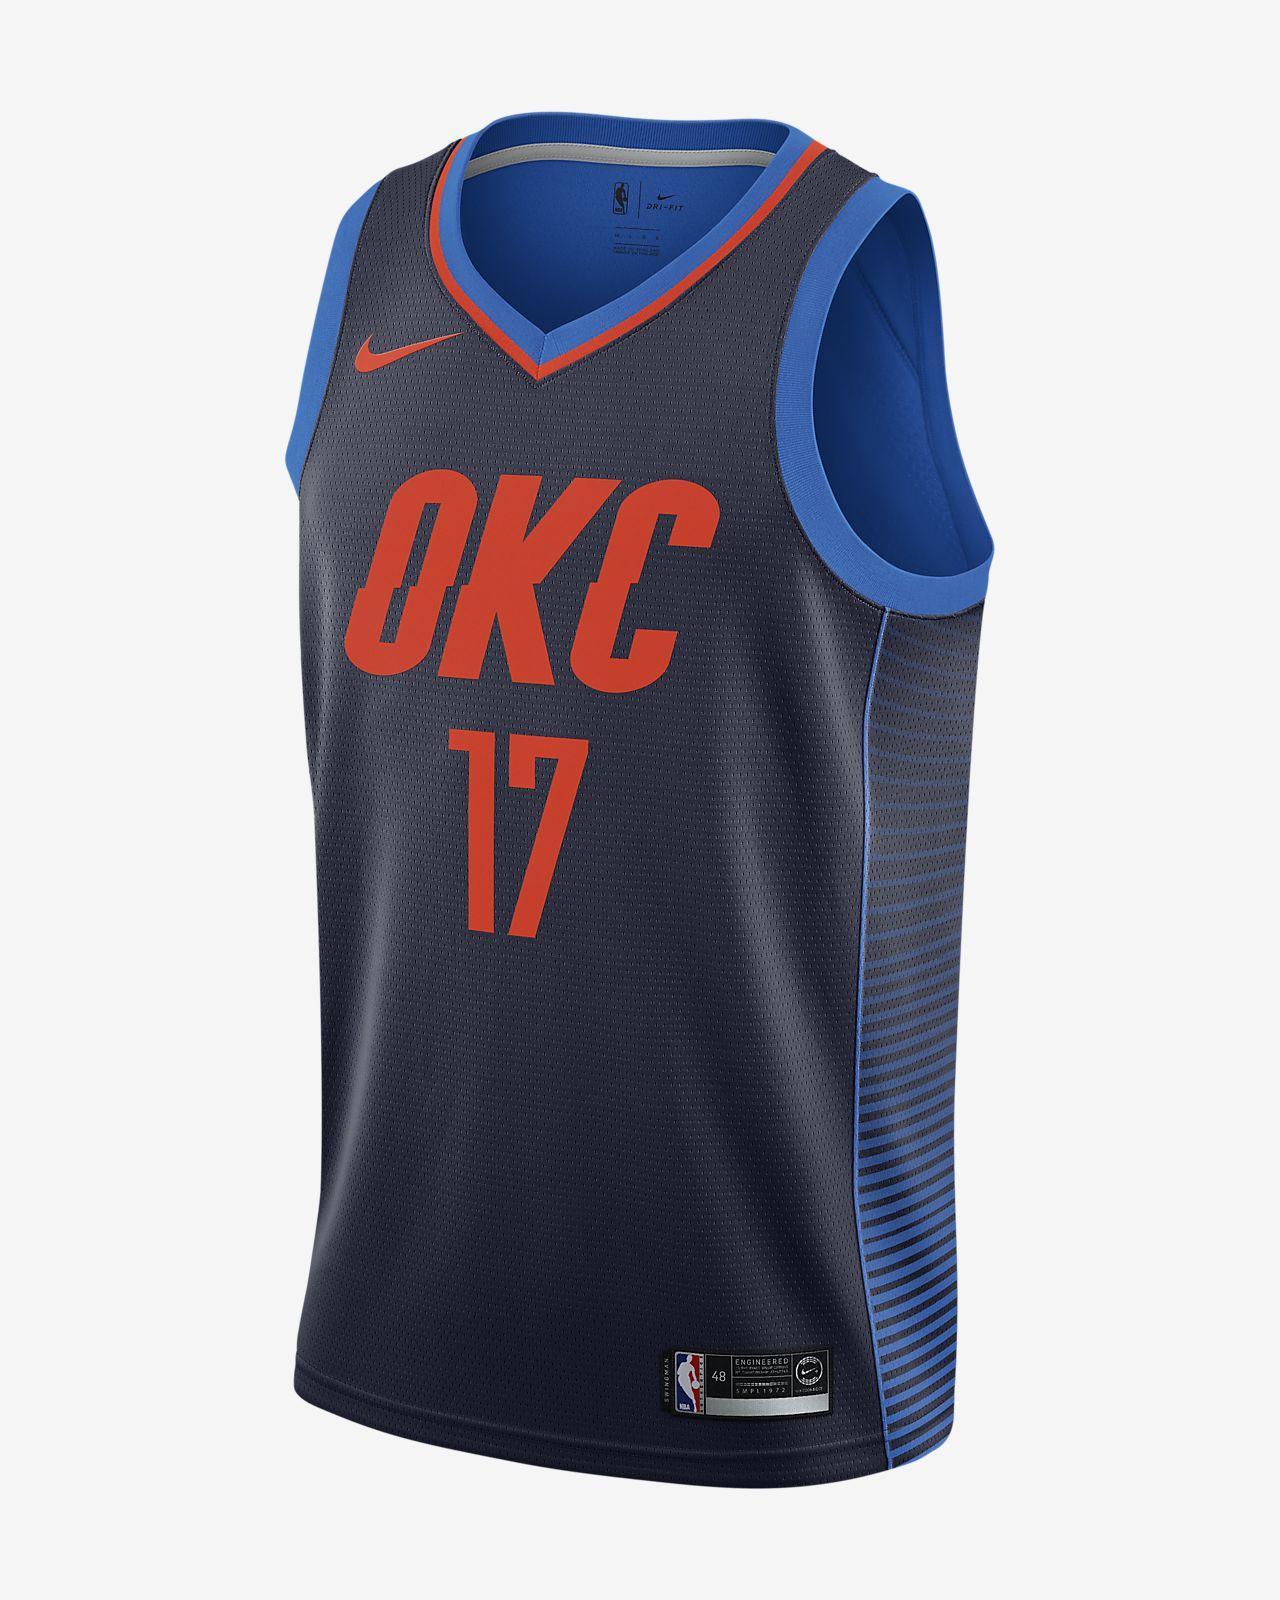 Camisola com ligação à NBA da Nike Statement Edition Swingman (Oklahoma City Thunder) para homem